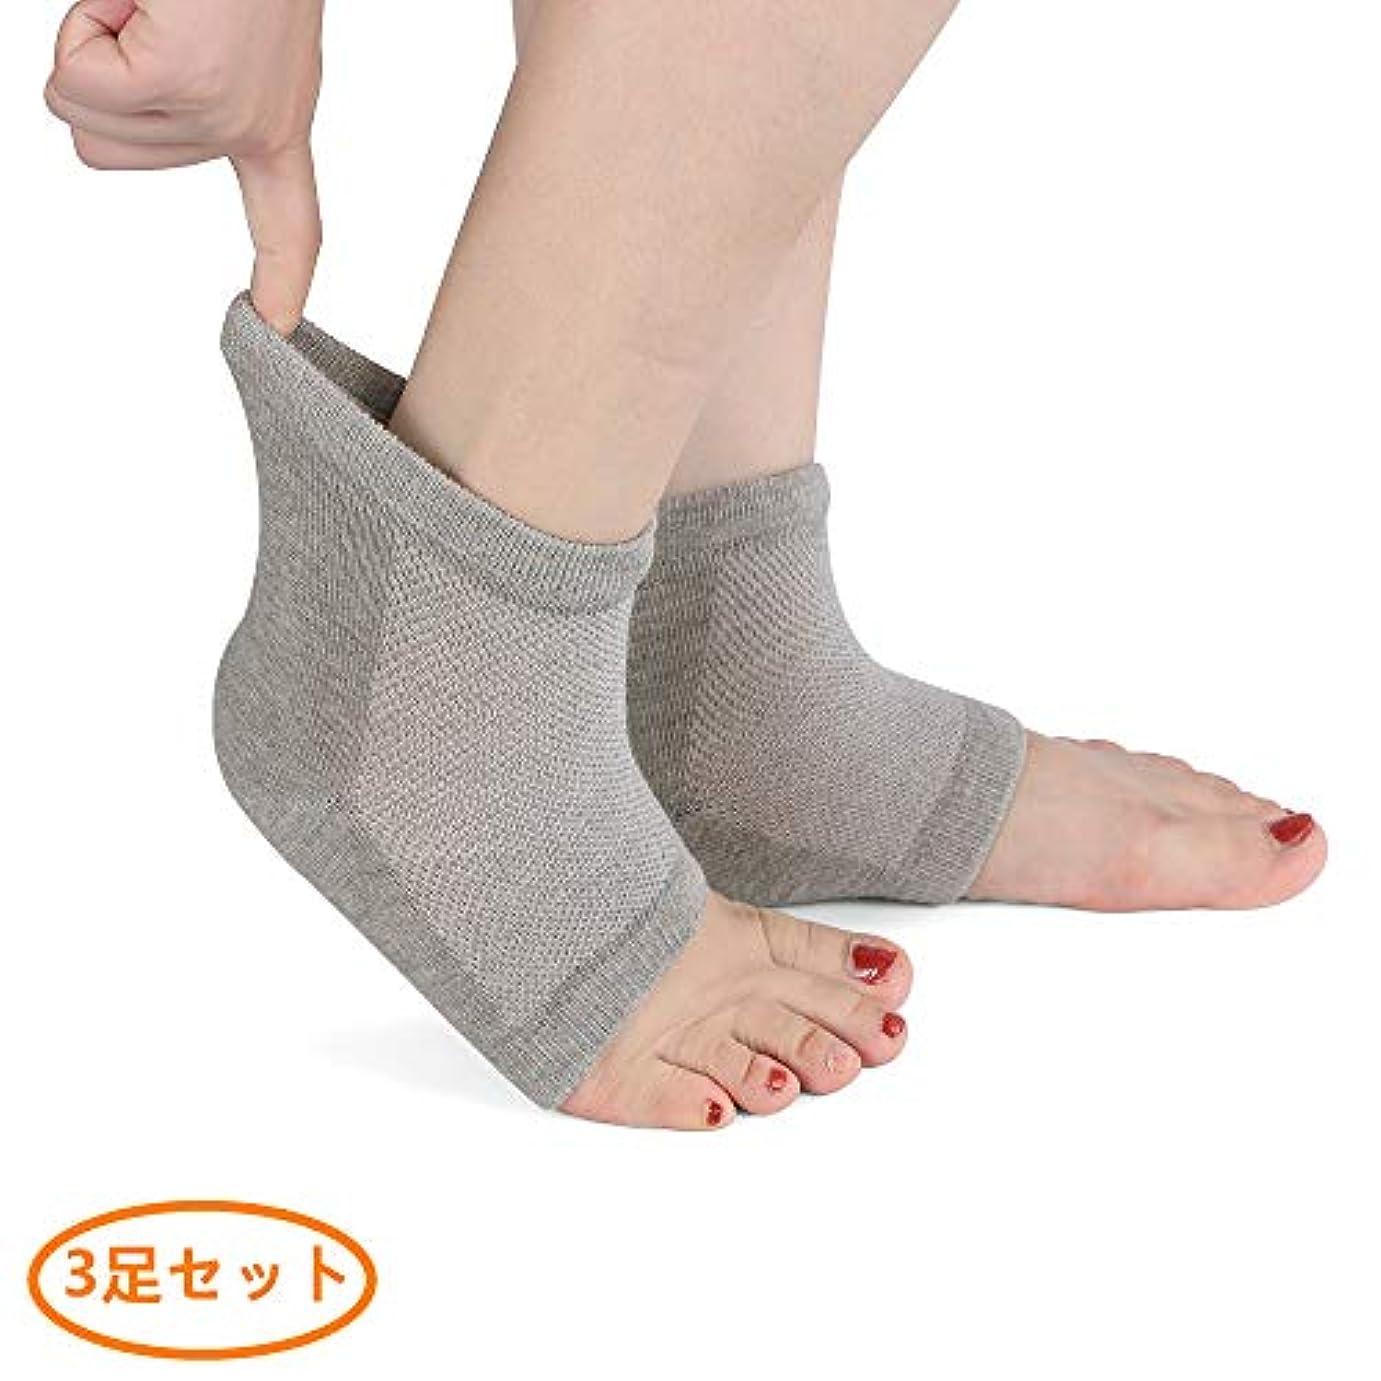 アレルギー性マスク艶YUANSHOP1 かかとケア ソックス 3足セット かかと靴下 レディース メンズ ひび割れケア/角質除去/保湿/美容 足SPA 足ケア フリーサイズ (グレー)